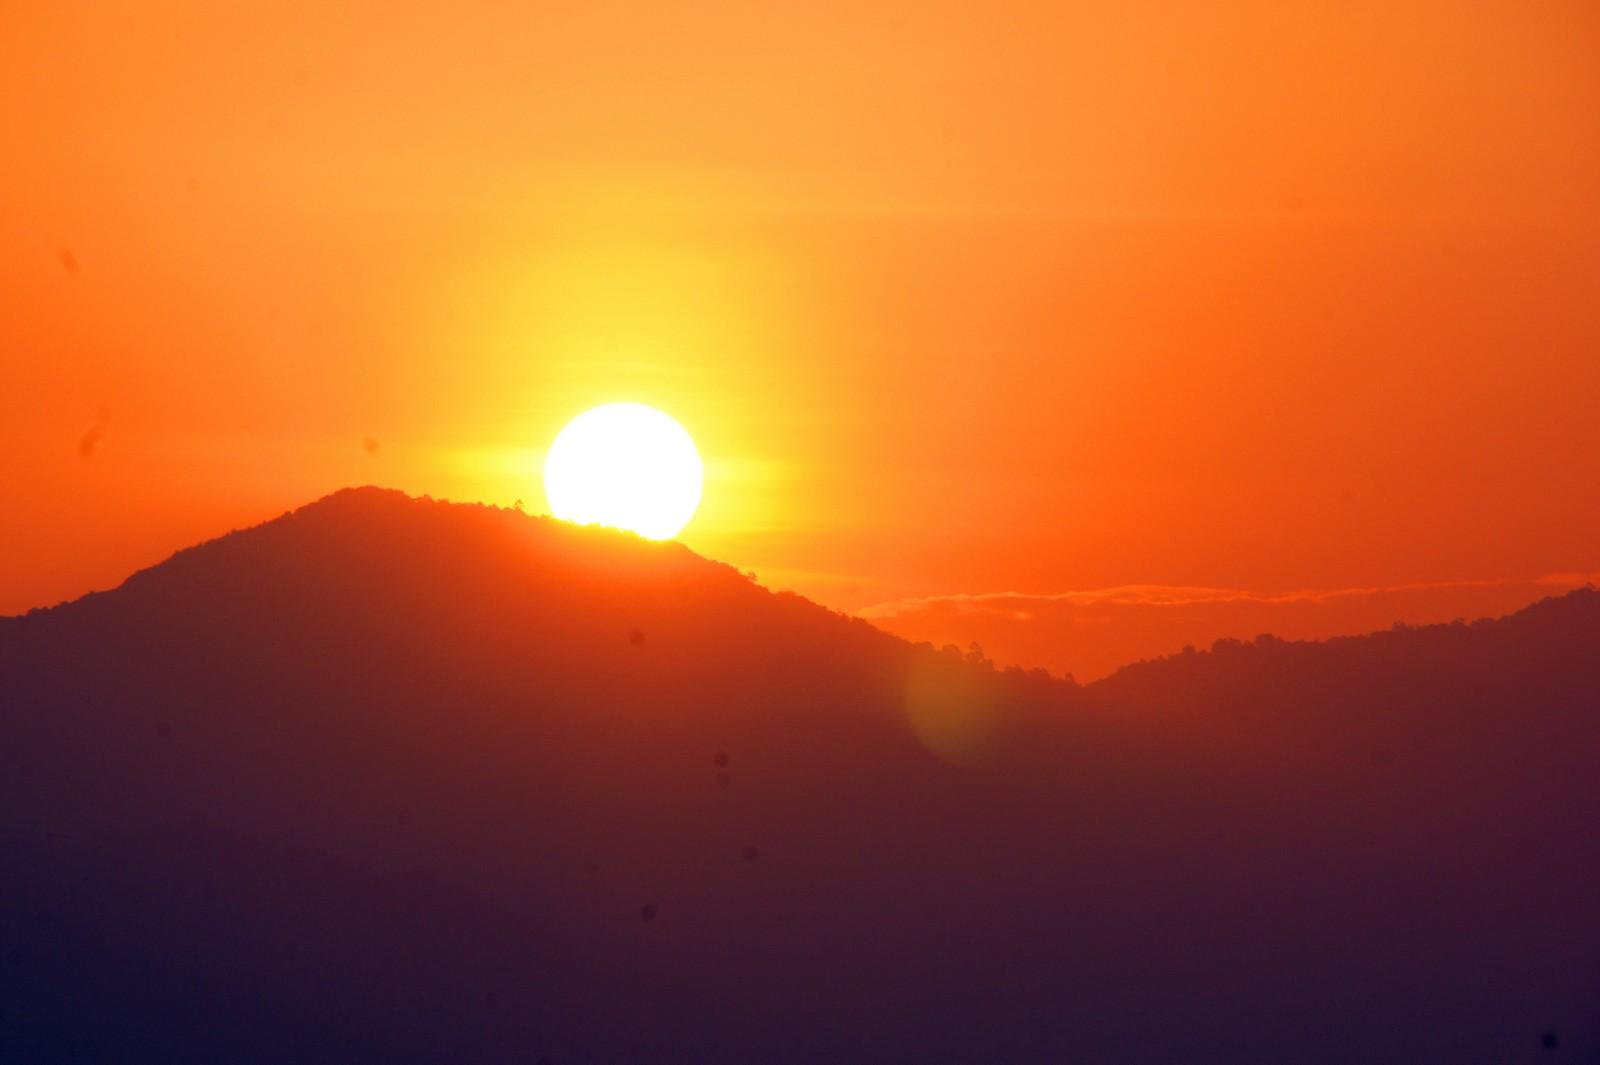 日出~日落